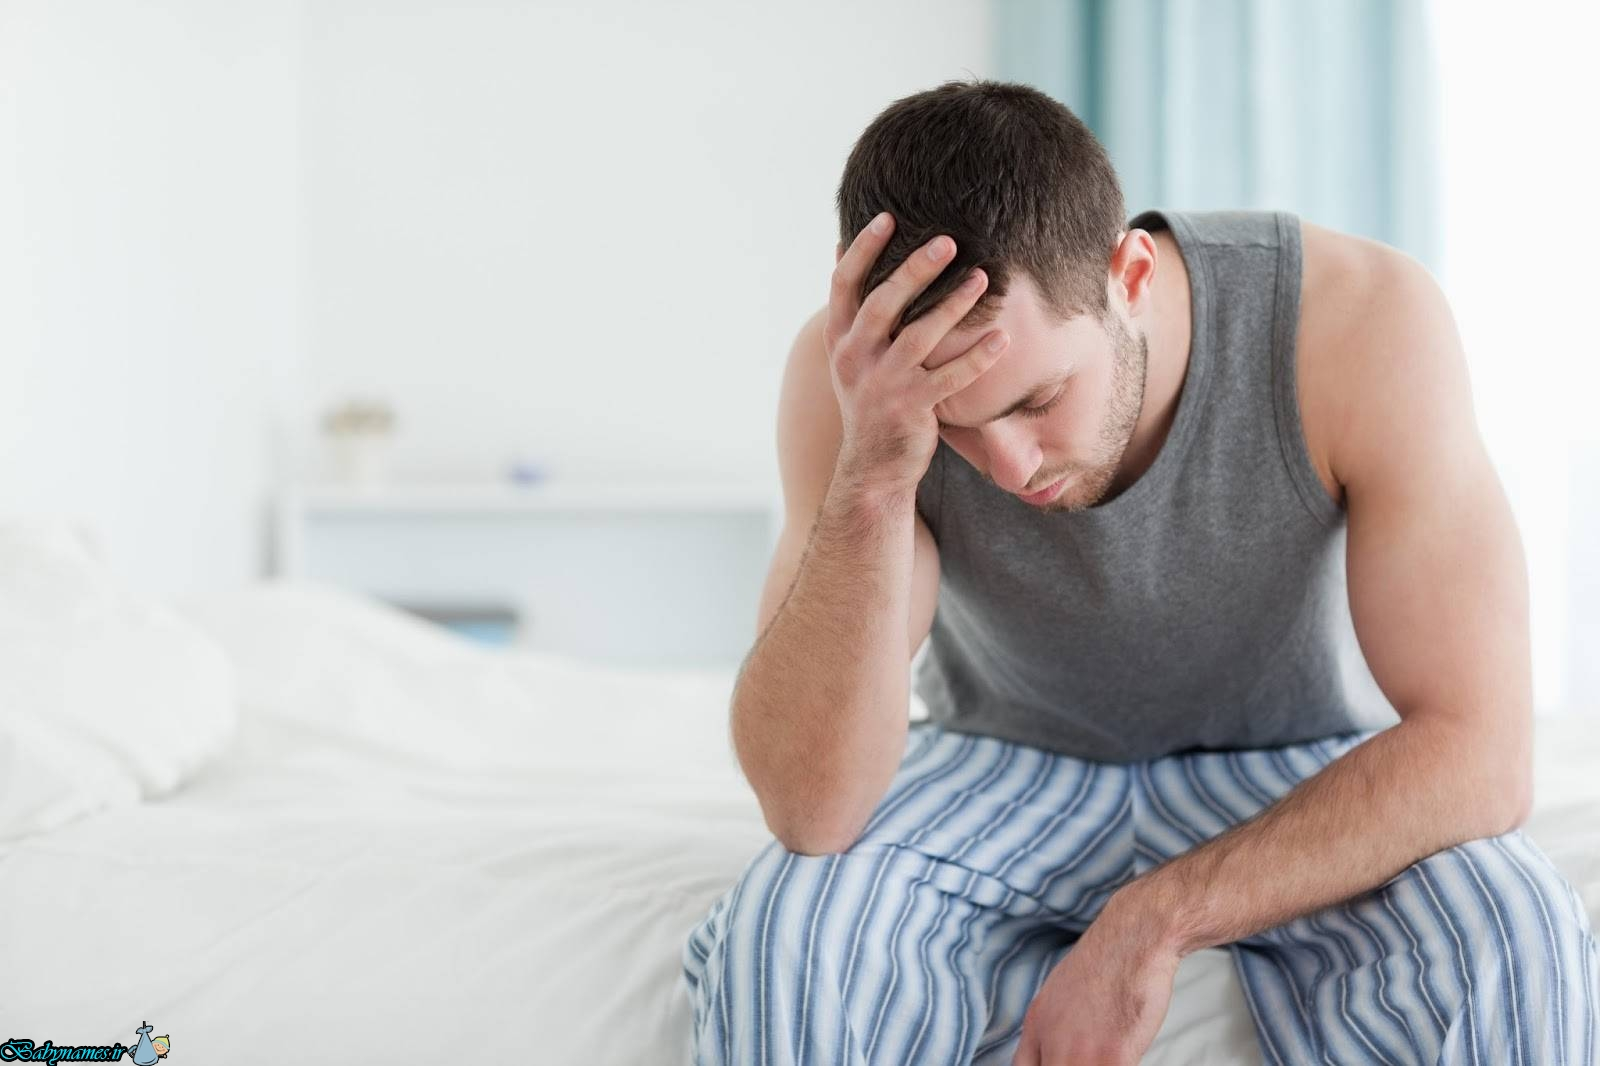 به چه علت مردان دچار ناباروری می شوند؟